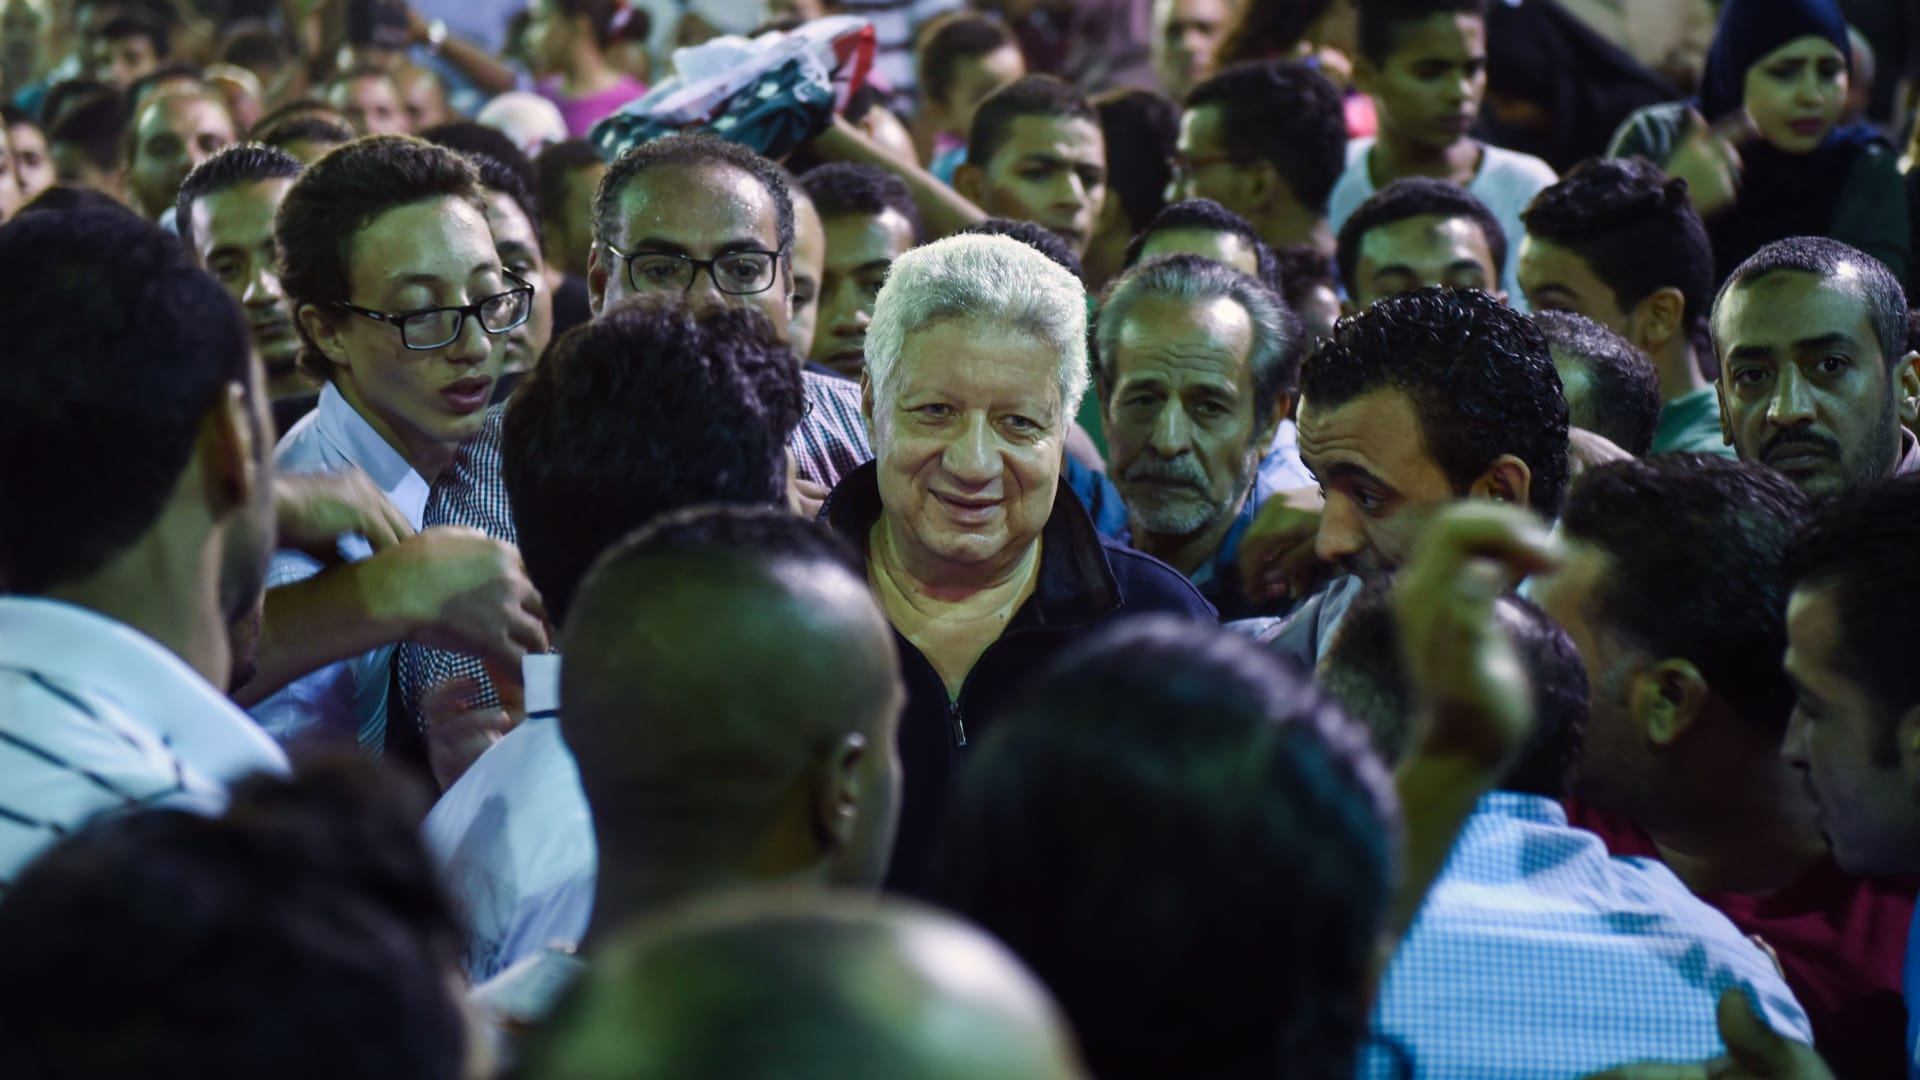 """مرتضى منصور يهدد خالد الغندور بـ""""مقطع فيديو"""" ويؤكد: لا أعترف بـ""""ثورة 25 يناير"""""""